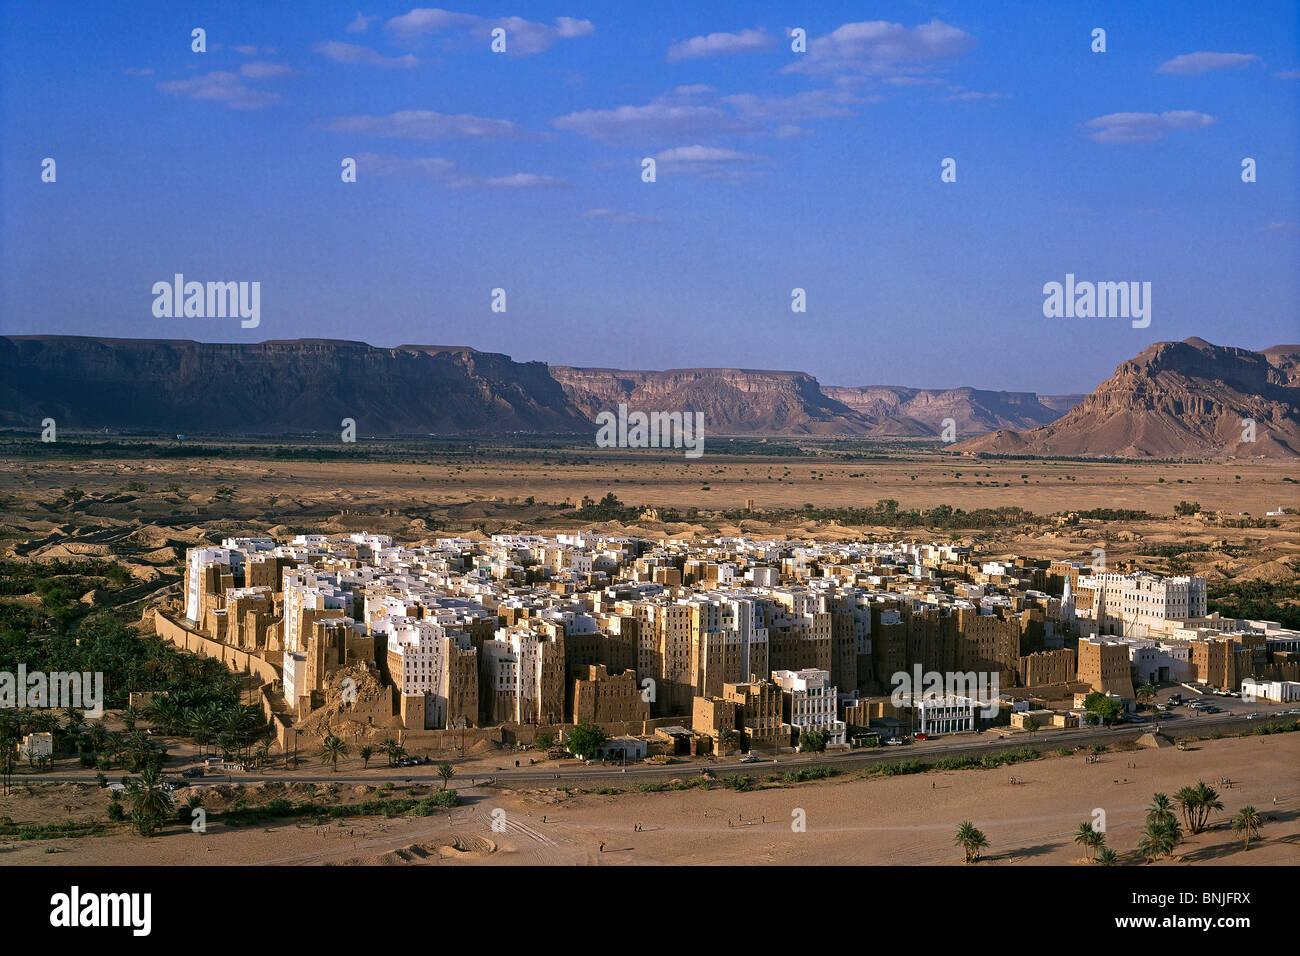 Février 2005 La vallée d'Hadramaout au Yémen Shibam ville UNESCO World Heritage site Photo Stock